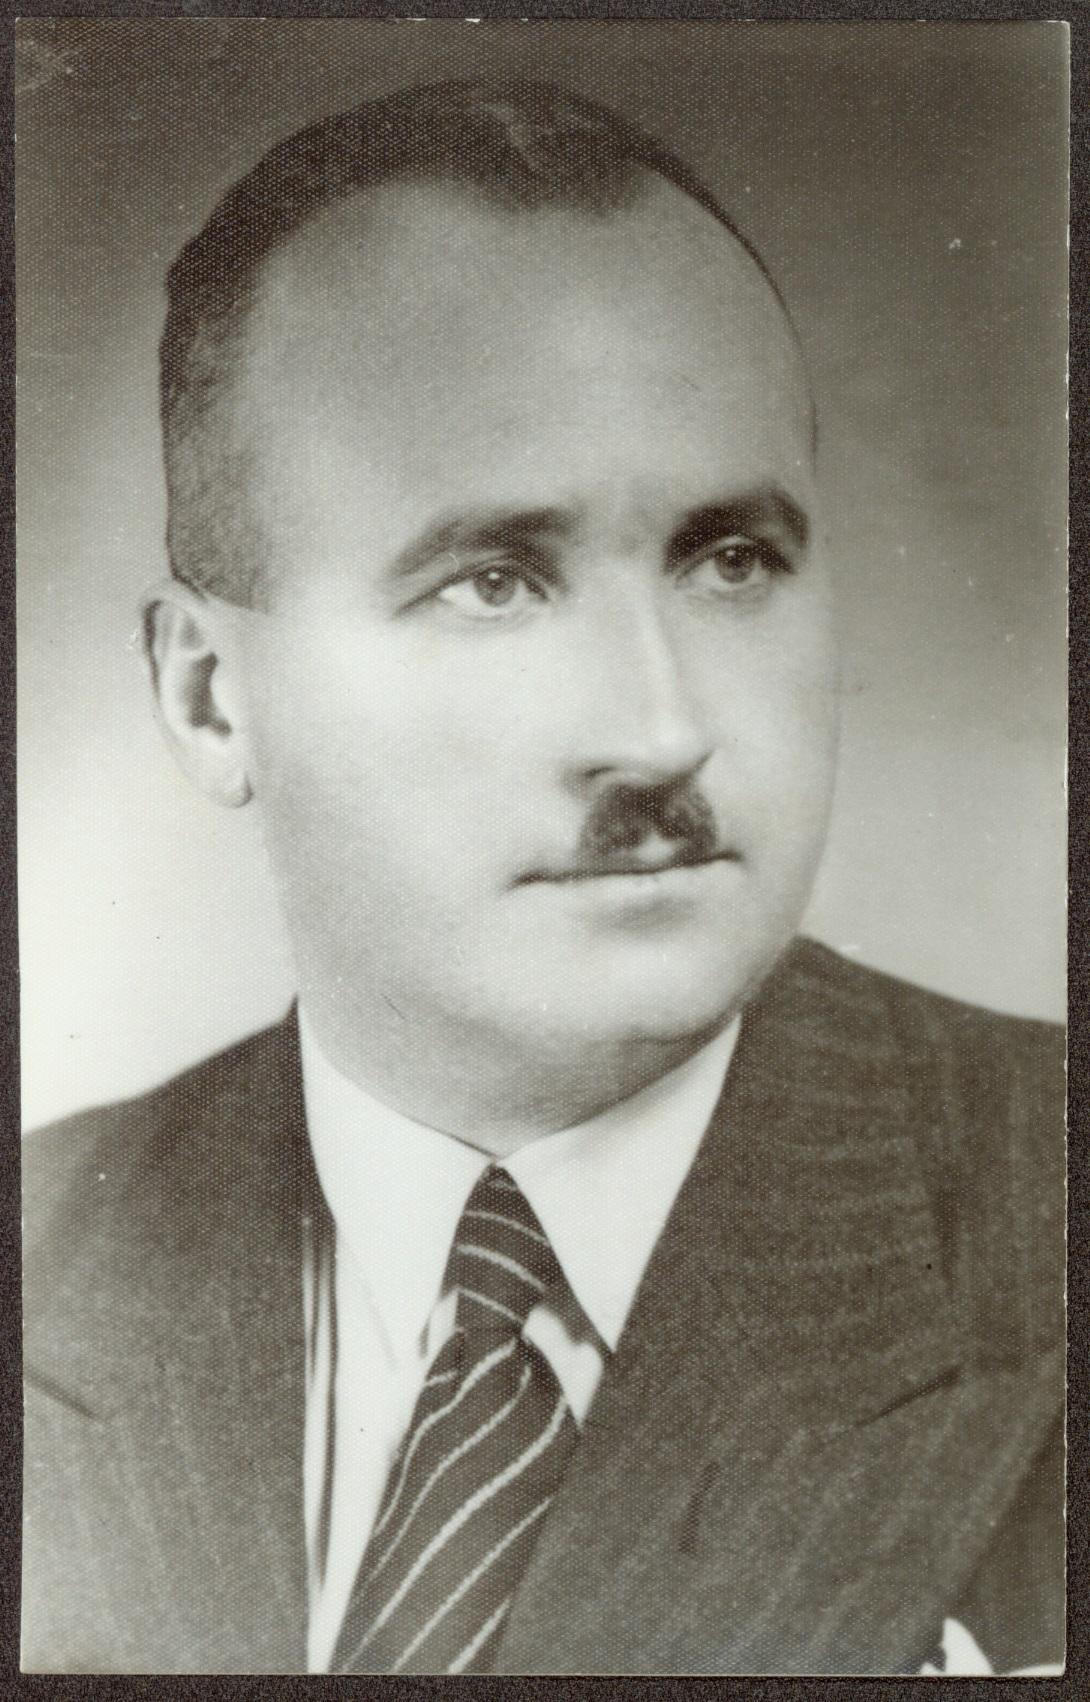 """[wpml lang=""""bg""""]Димитър Йосифов Пешев, български политик и общественик (1894-1975), министър на правосъдието (1935-1936), подпредседател на ХХІV и ХХV Обикновено народно събрание (19338-1943).  ЦДА [/wpml][wpml lang=""""en""""]  Dimitar Iosifov Peshev, Bulgarian politician and public figure (1894-1975), minister of justice (1935-1936), deputy chairman of the ХХІV and ХХV National Assembly (19338-1943).  Central State Archives, Fond 1335K [/wpml]"""